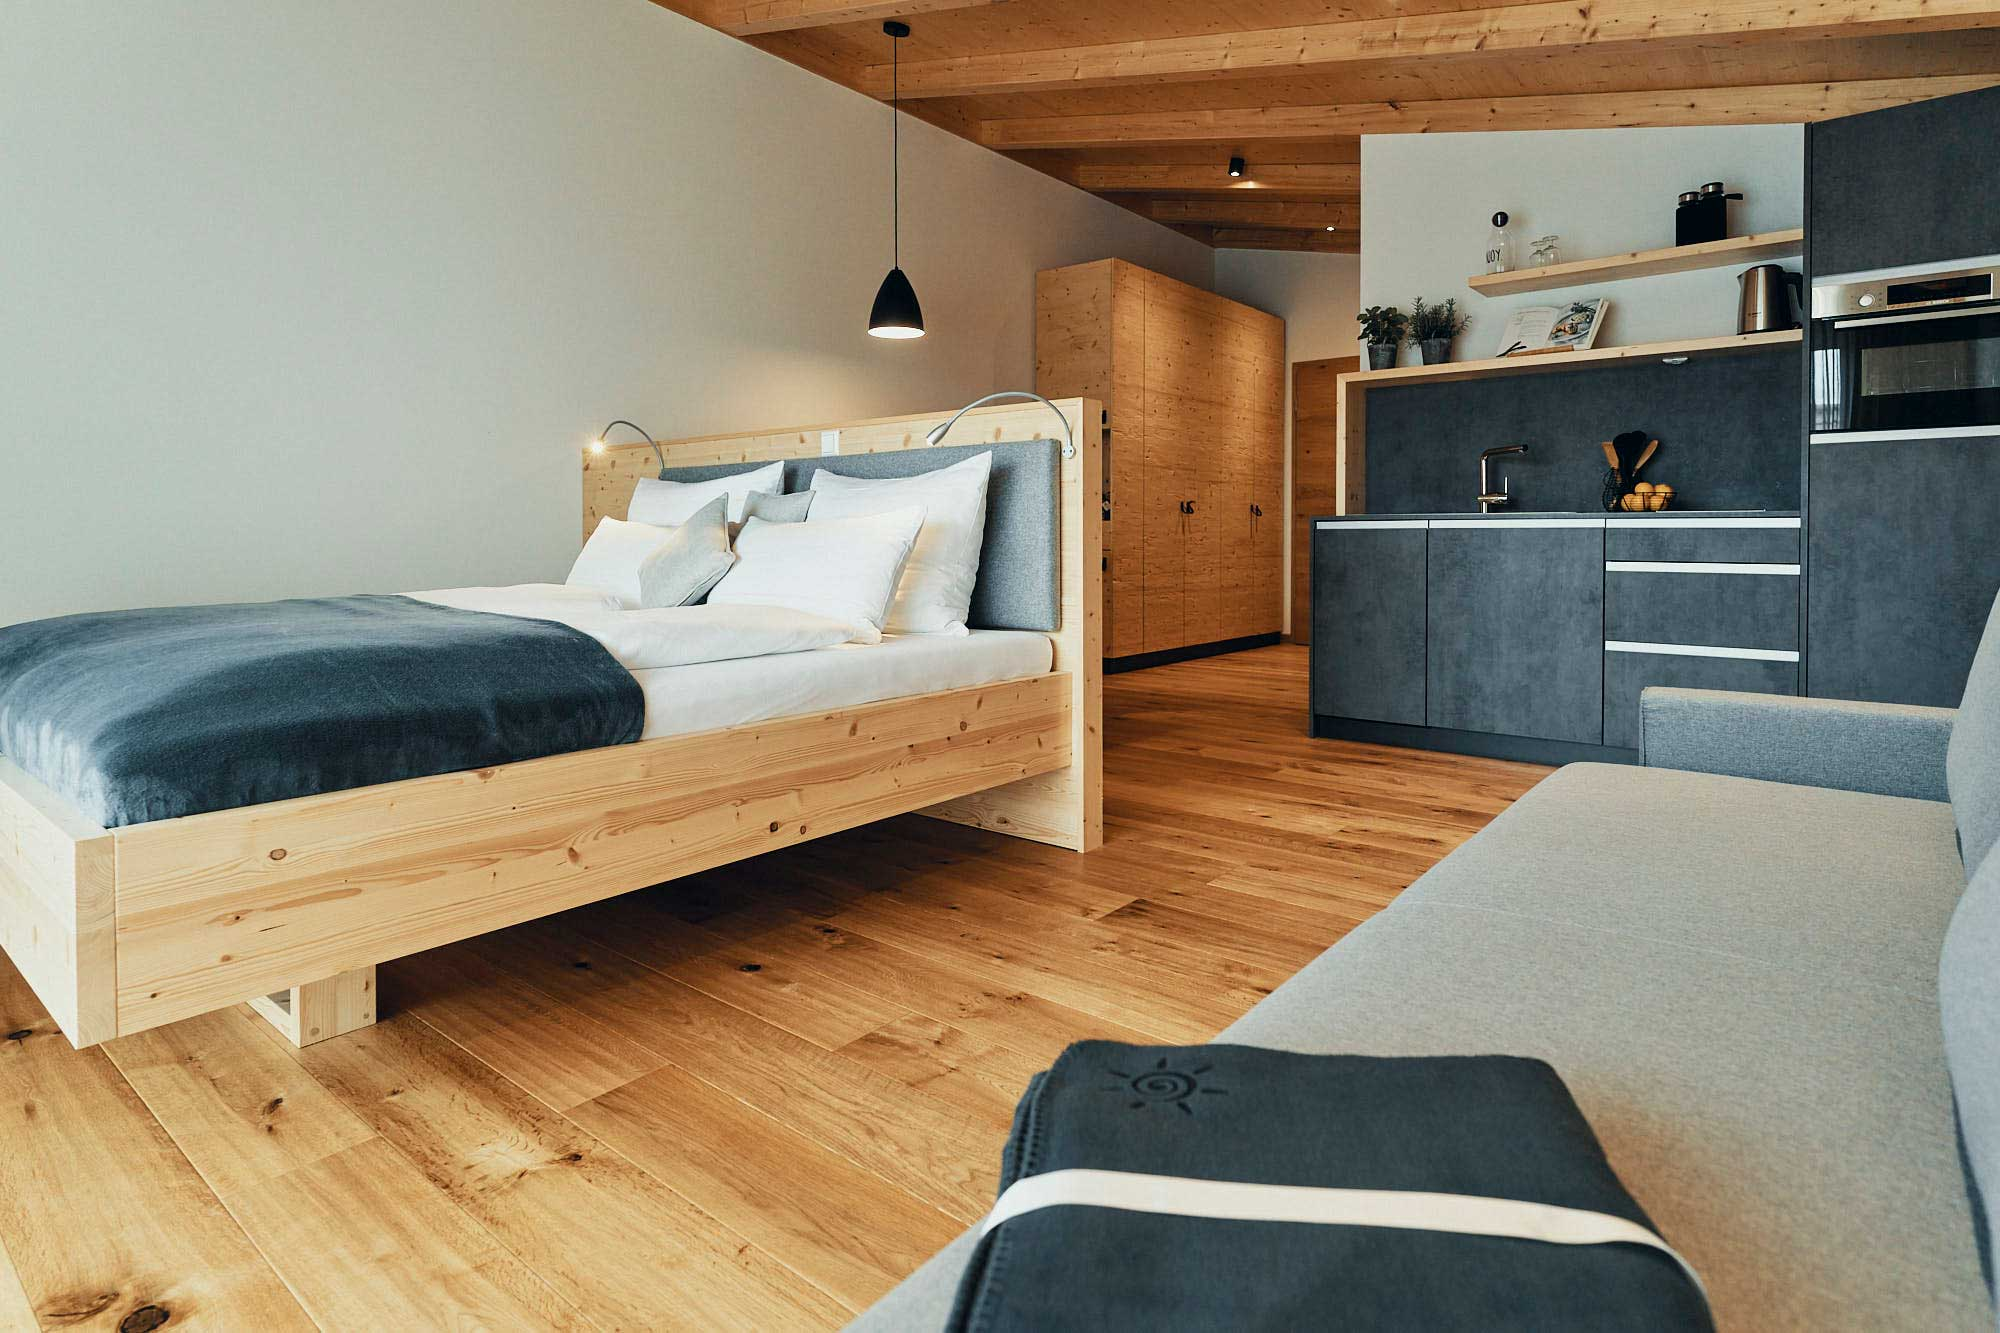 ECHTZEIT Ferien Apartment - Augenblick - Wohlfühl-Zimmer